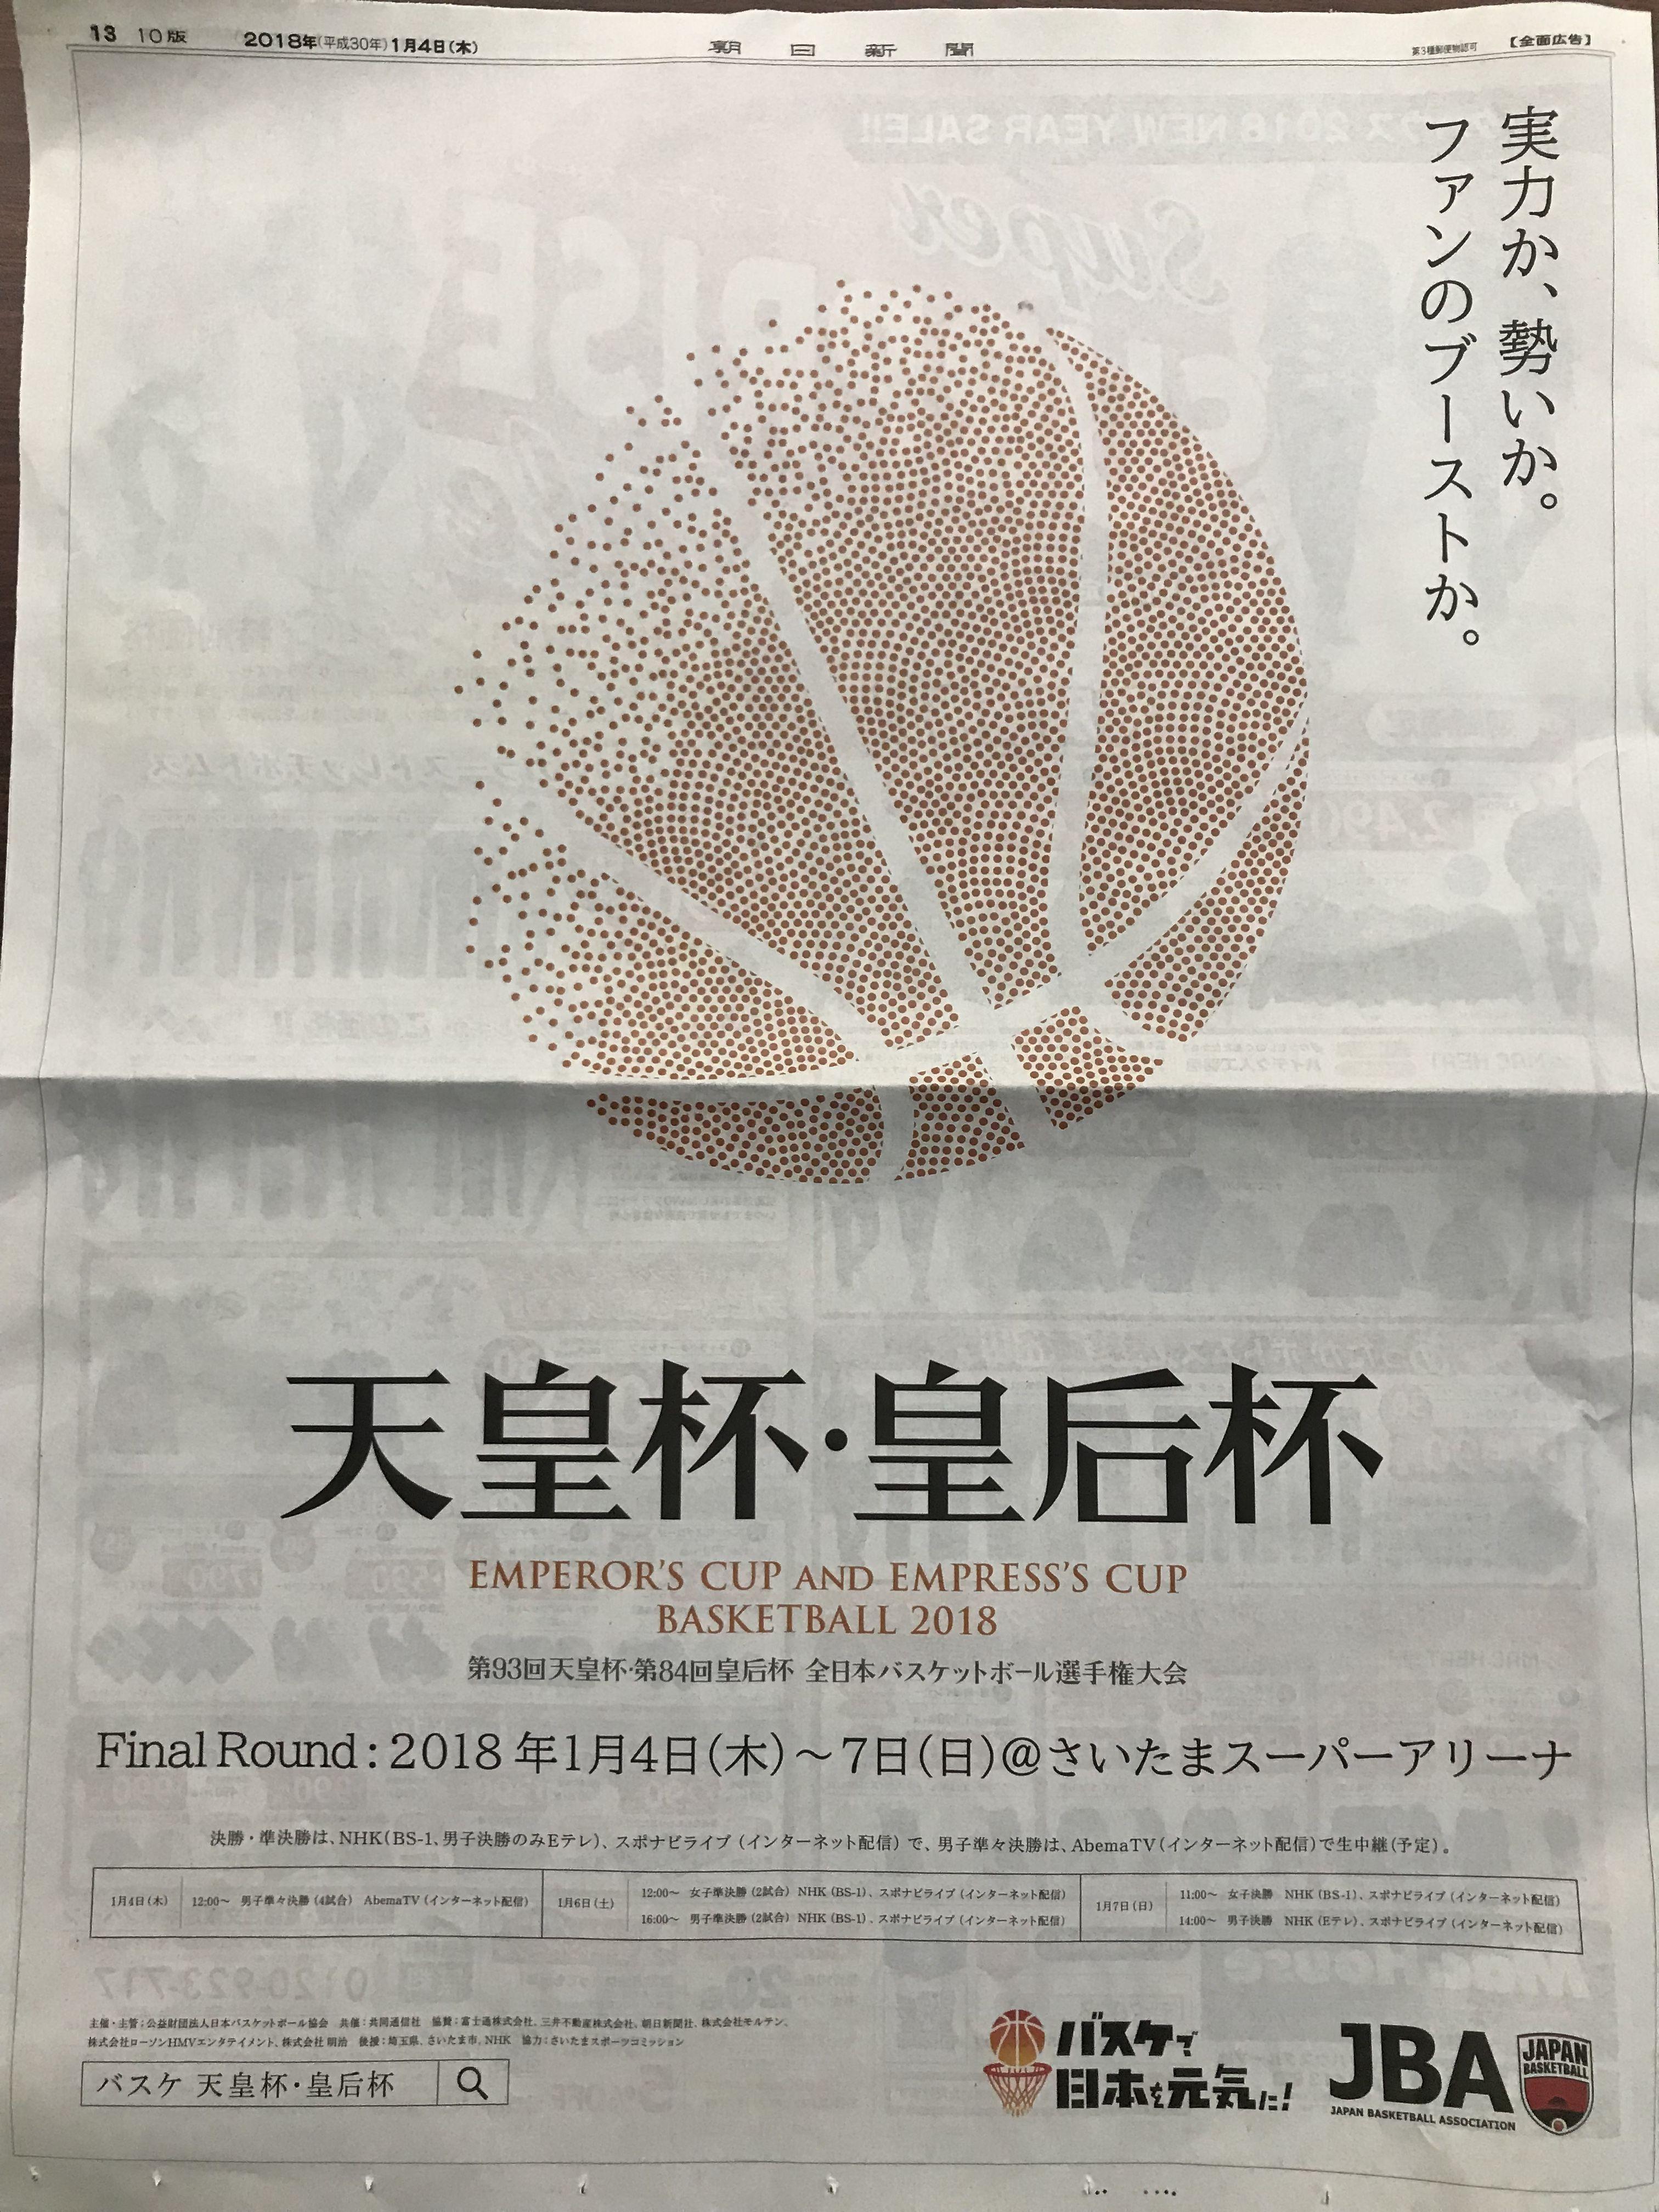 2018年元旦新聞広告 Jbaバスケ天皇杯 皇后杯 グラフィックデザイン 新聞 広告 デザイン